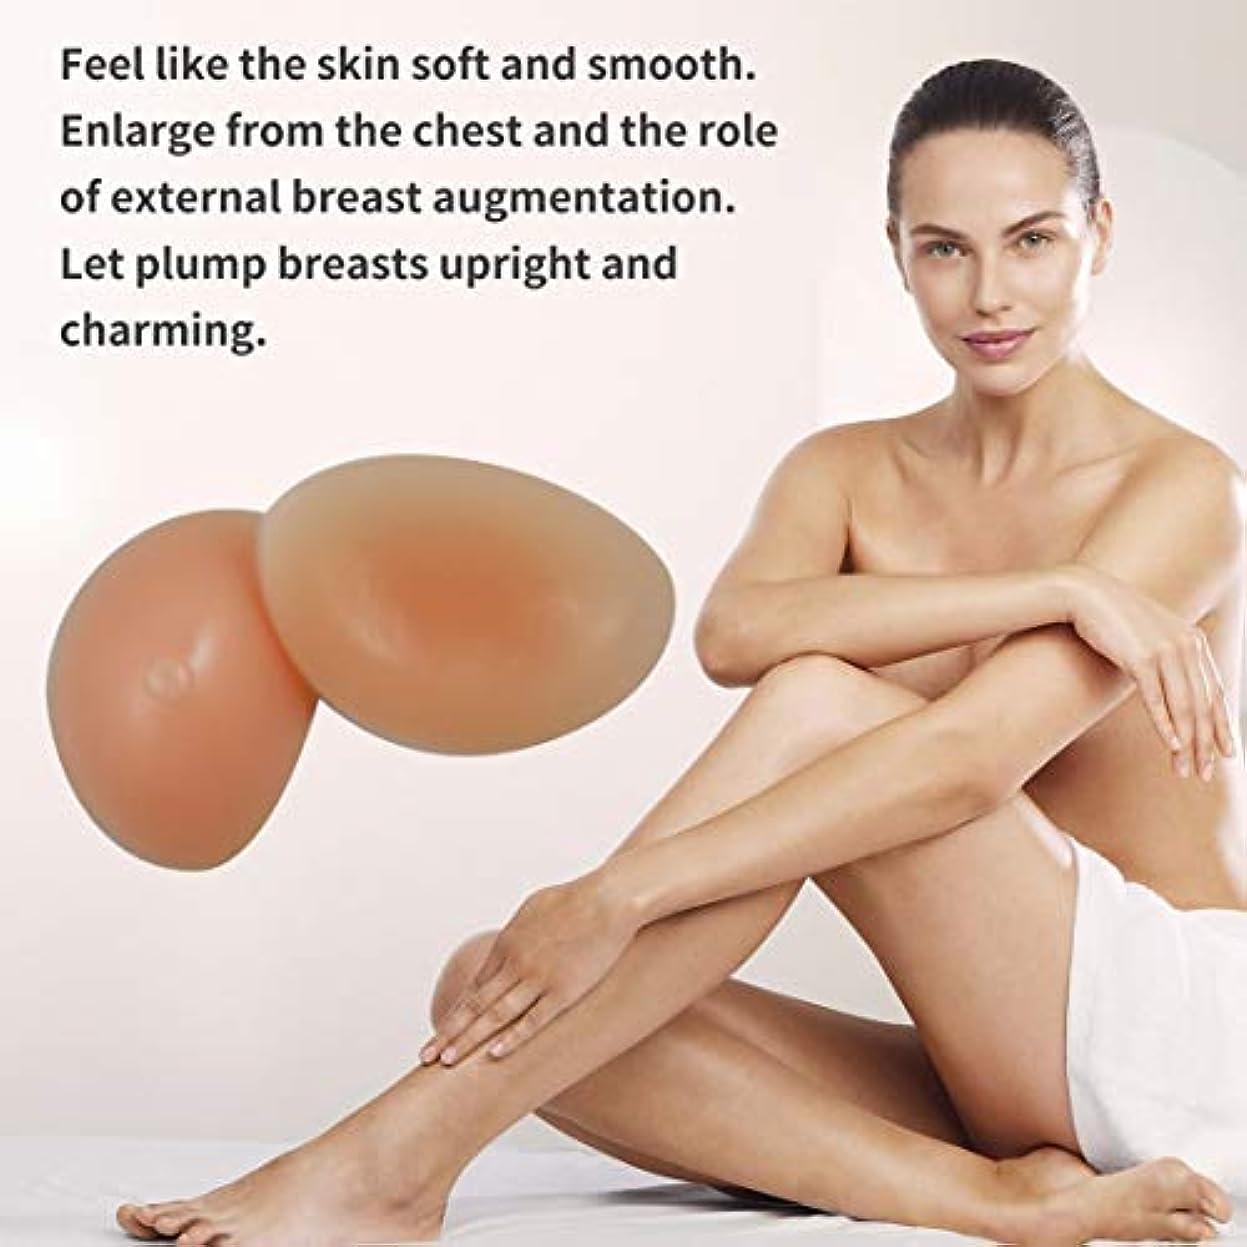 ヒステリックグリットワンダーシリコーンフォーム偽乳房エンハンサープッシュアップパッドブースターブラインサート人工乳房リアルな防水シリコーン乳房フォーム